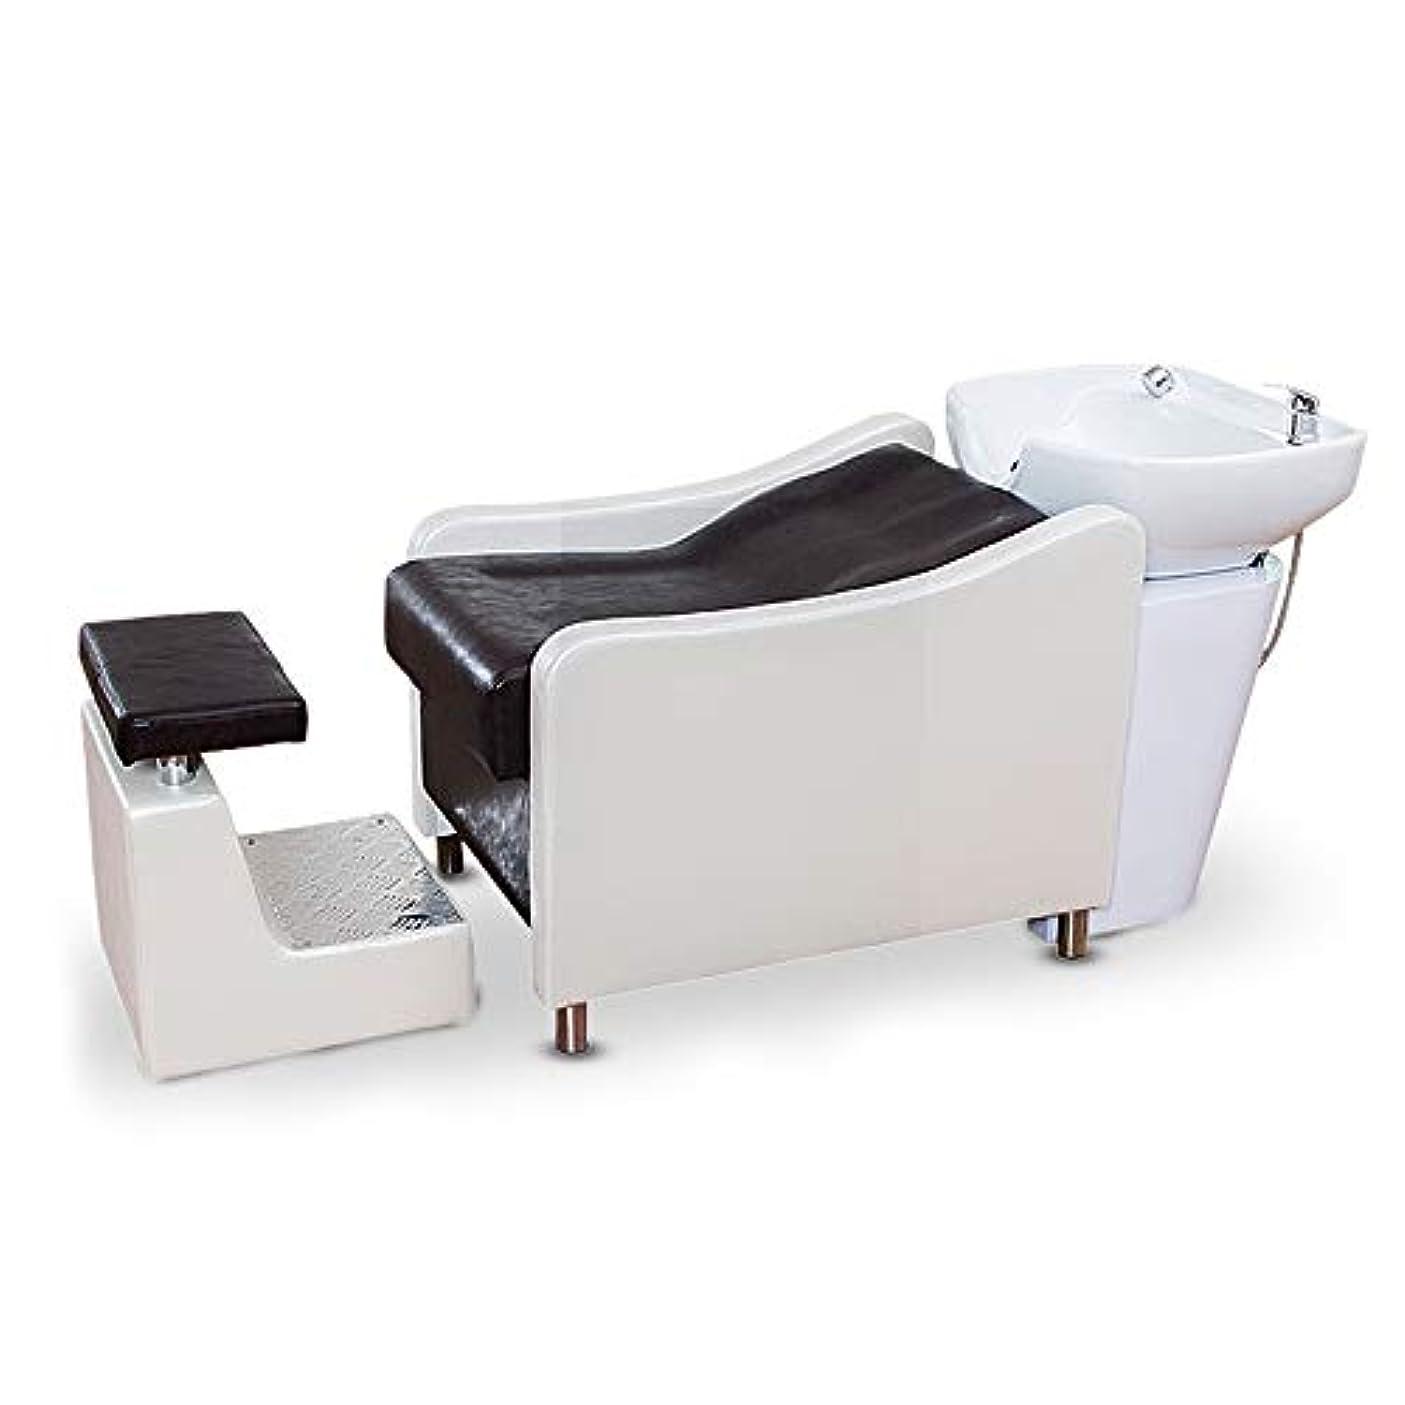 ペン性格科学シャンプーチェア、洗顔ユニットシャンプーボウル理髪シンクチェア、スパエステサロン設備(ホワイト)